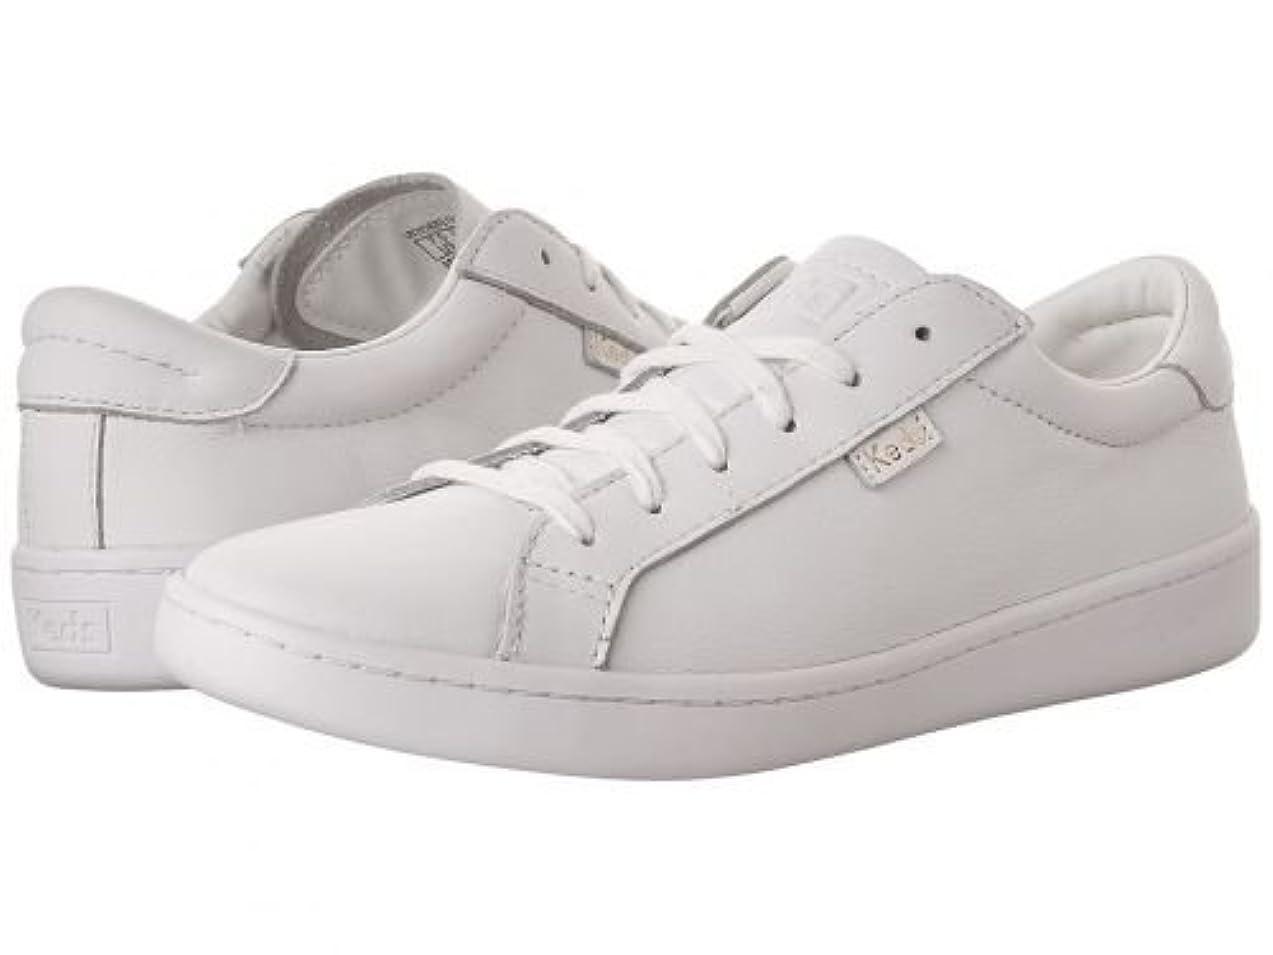 防水フィットネス二度Keds(ケッズ) レディース 女性用 シューズ 靴 スニーカー 運動靴 Ace Leather - White/White [並行輸入品]